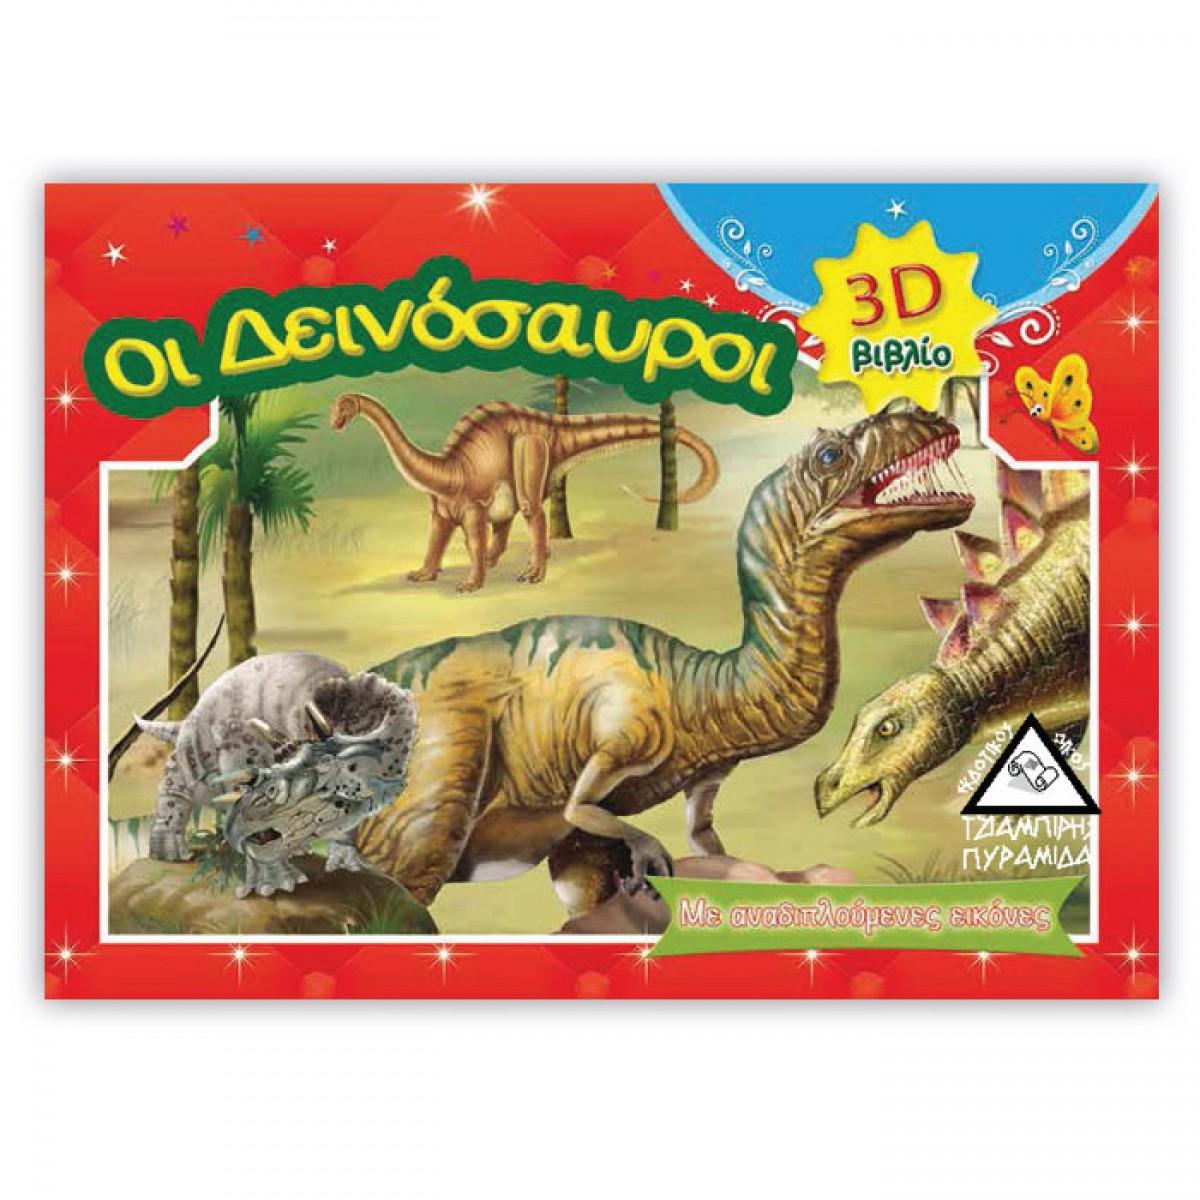 ΔΕΙΝΟΣΑΥΡΟΙ 3D ΒΙΒΛΙΟ Παιδικά Βιβλία